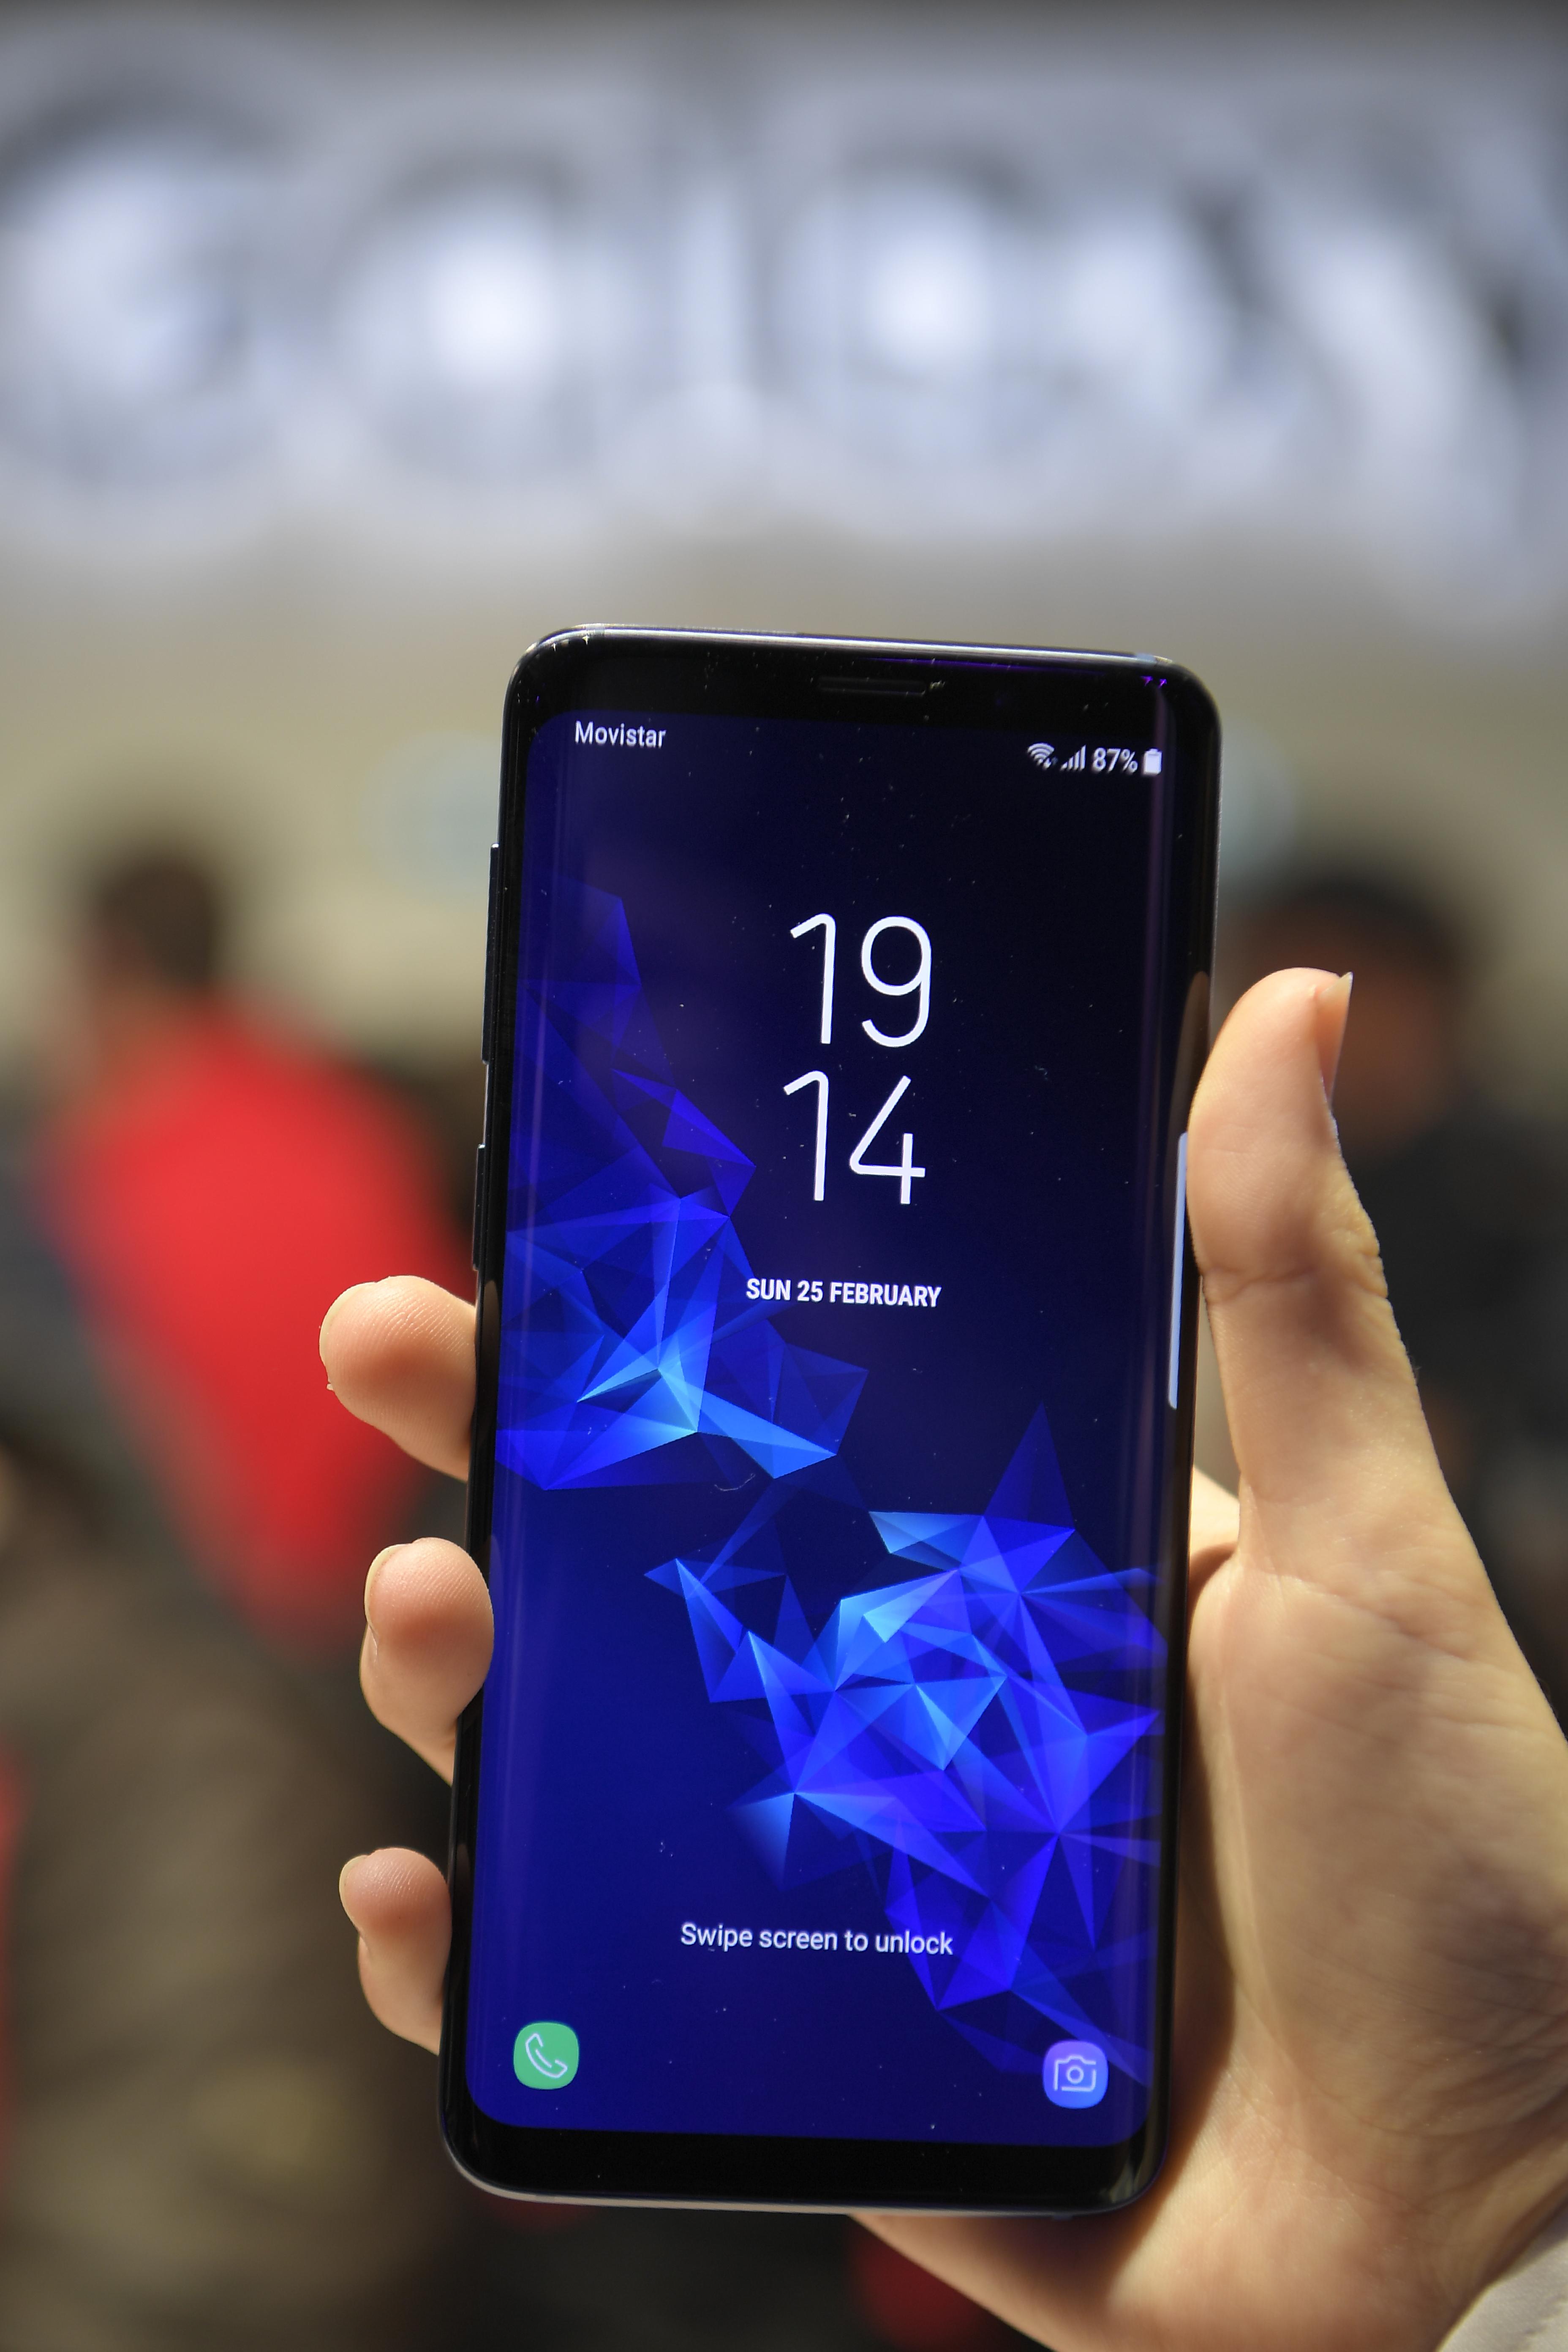 Samsung Galaxy S9 | Lluis Gene | Agence France-Presse |